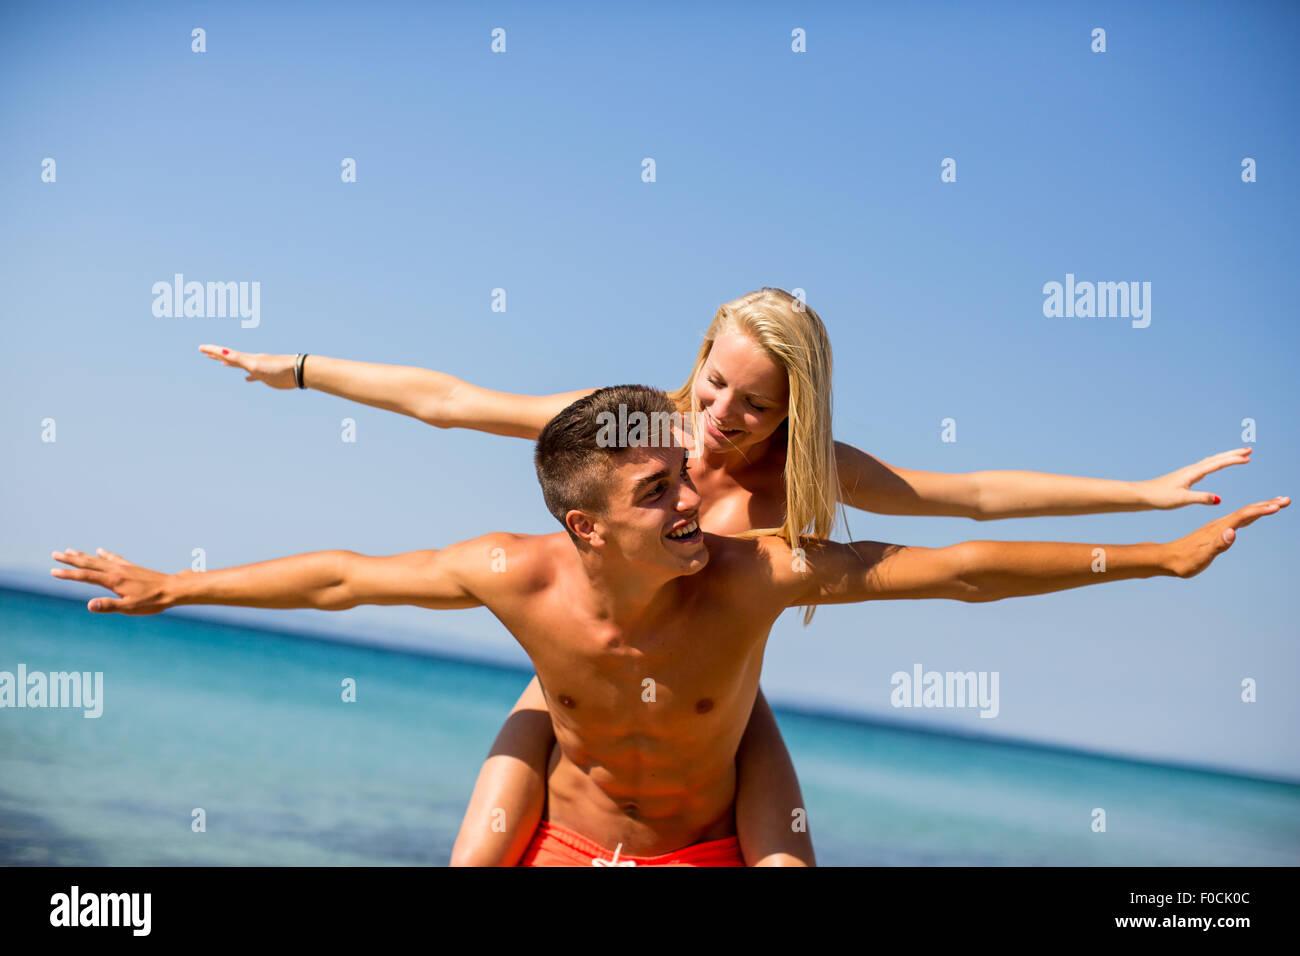 Pareja joven relajándose en la playa Imagen De Stock